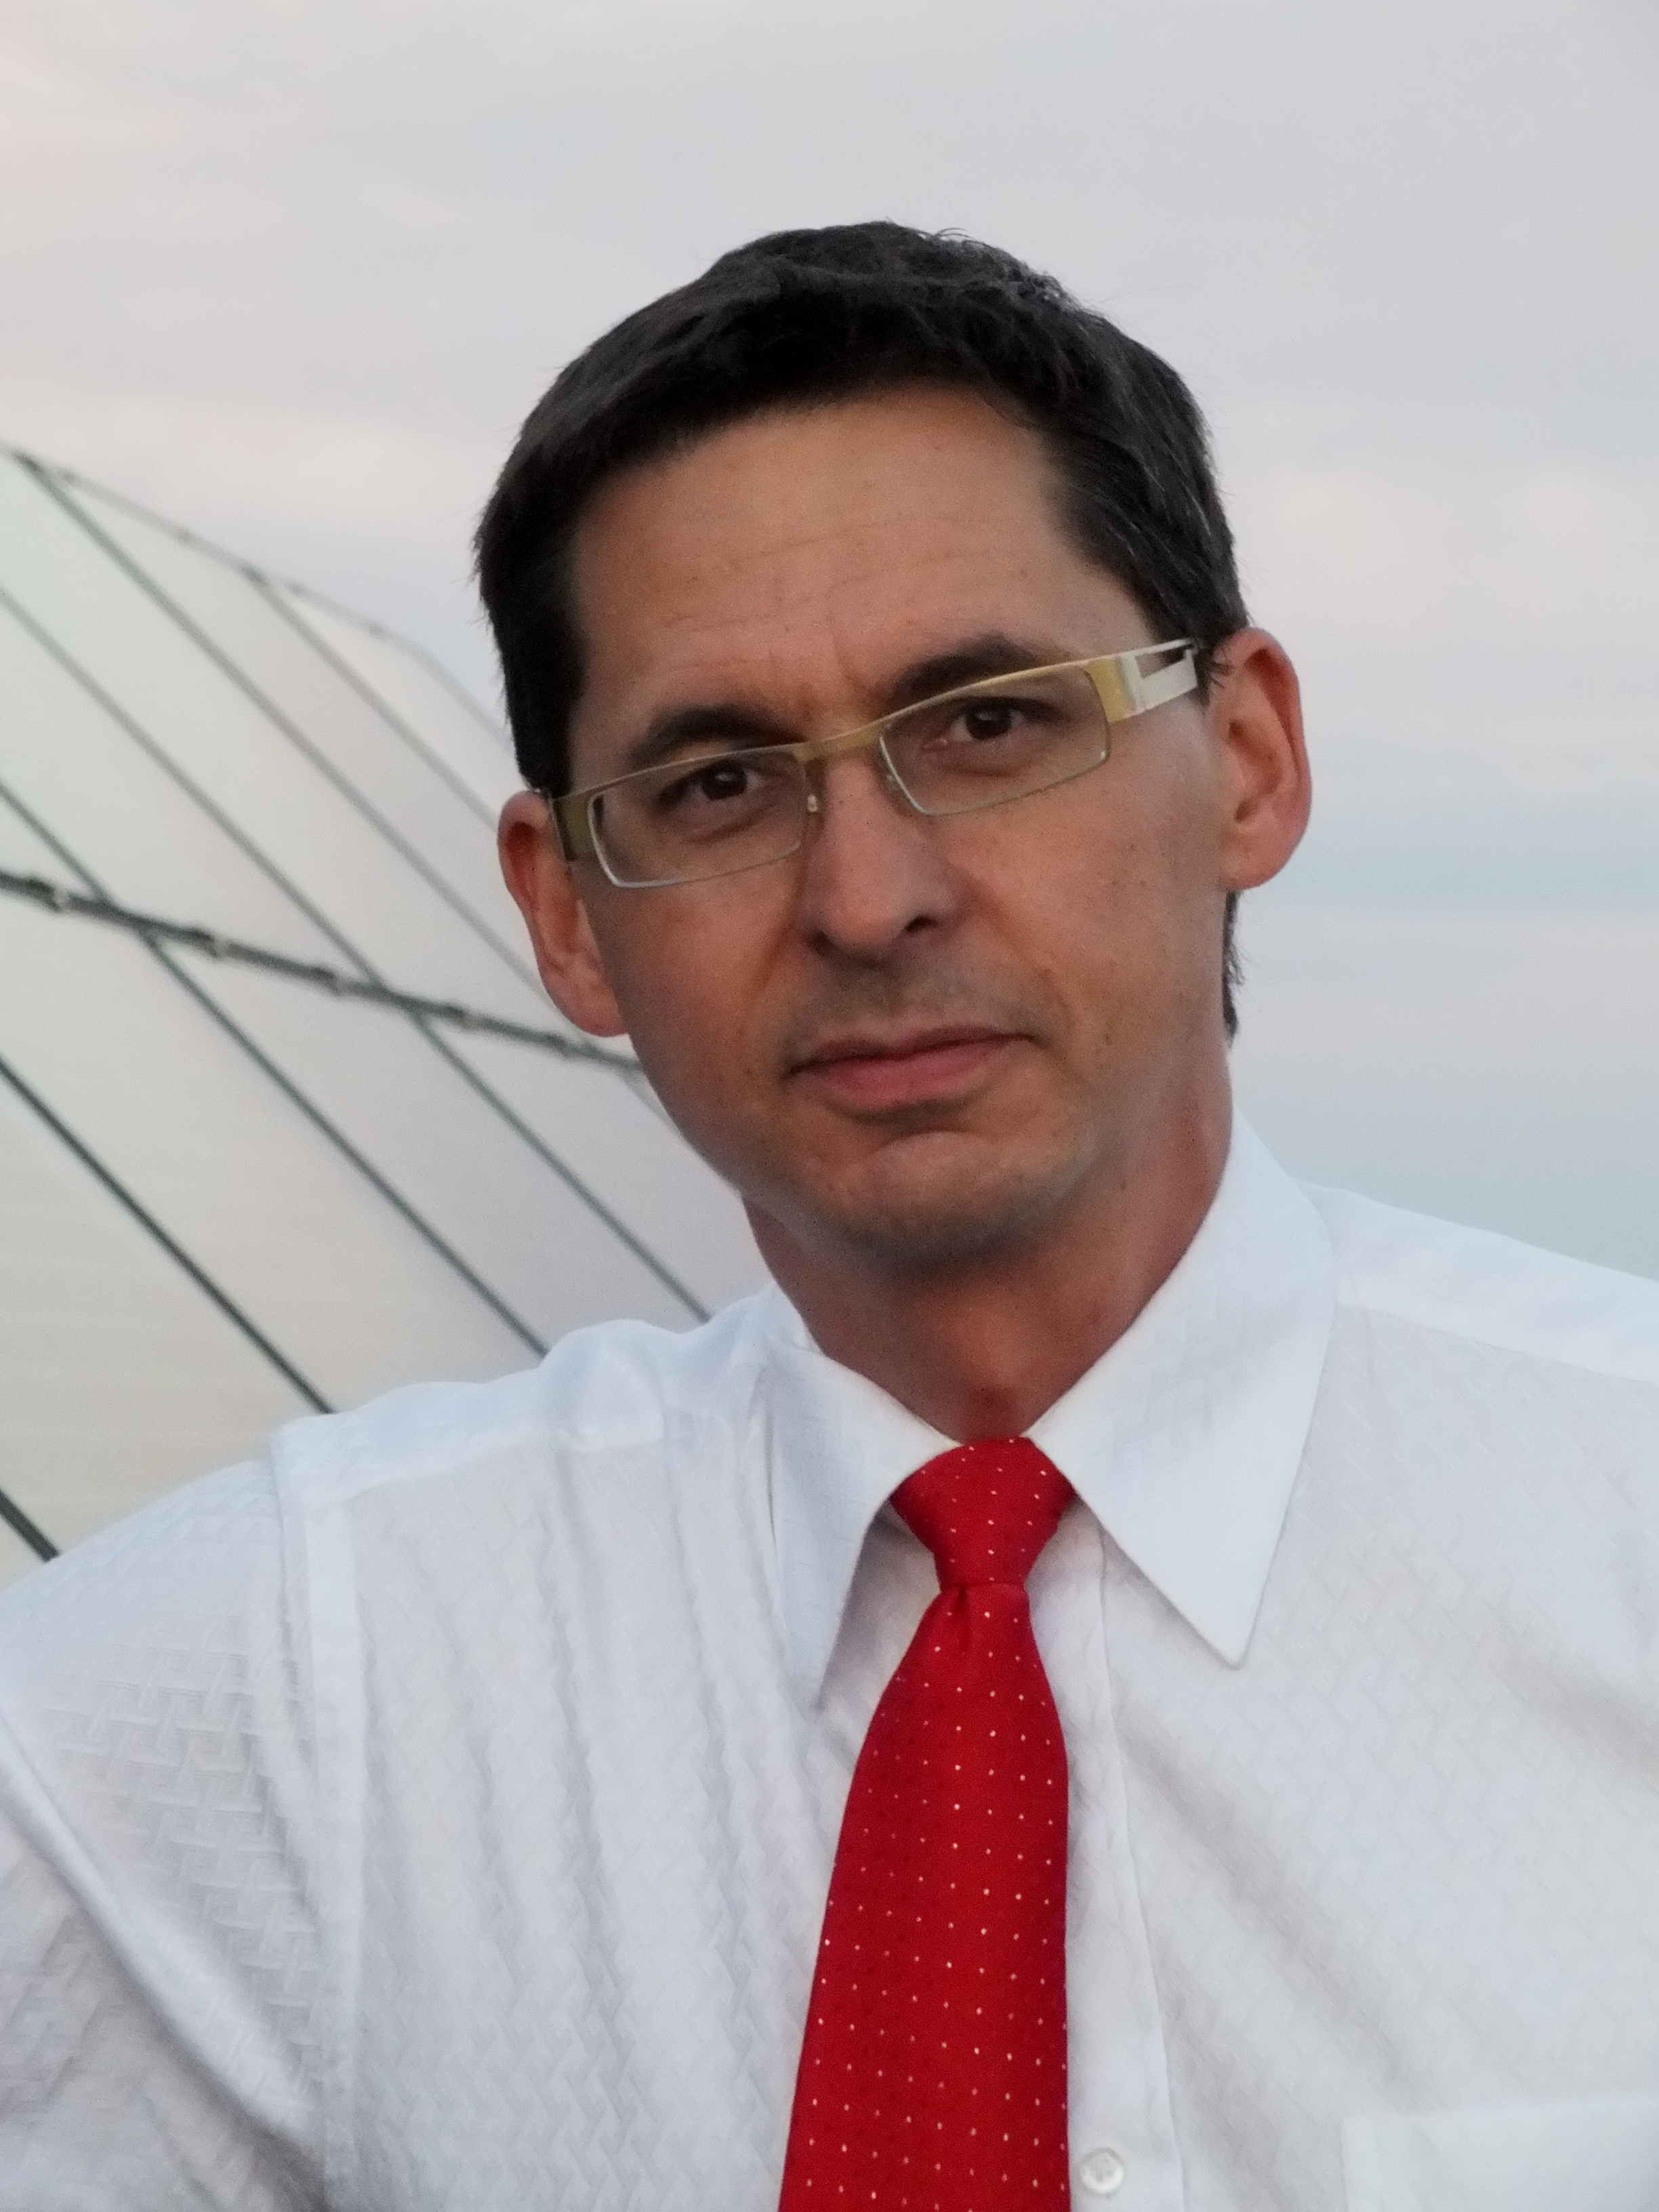 Colin Dumais